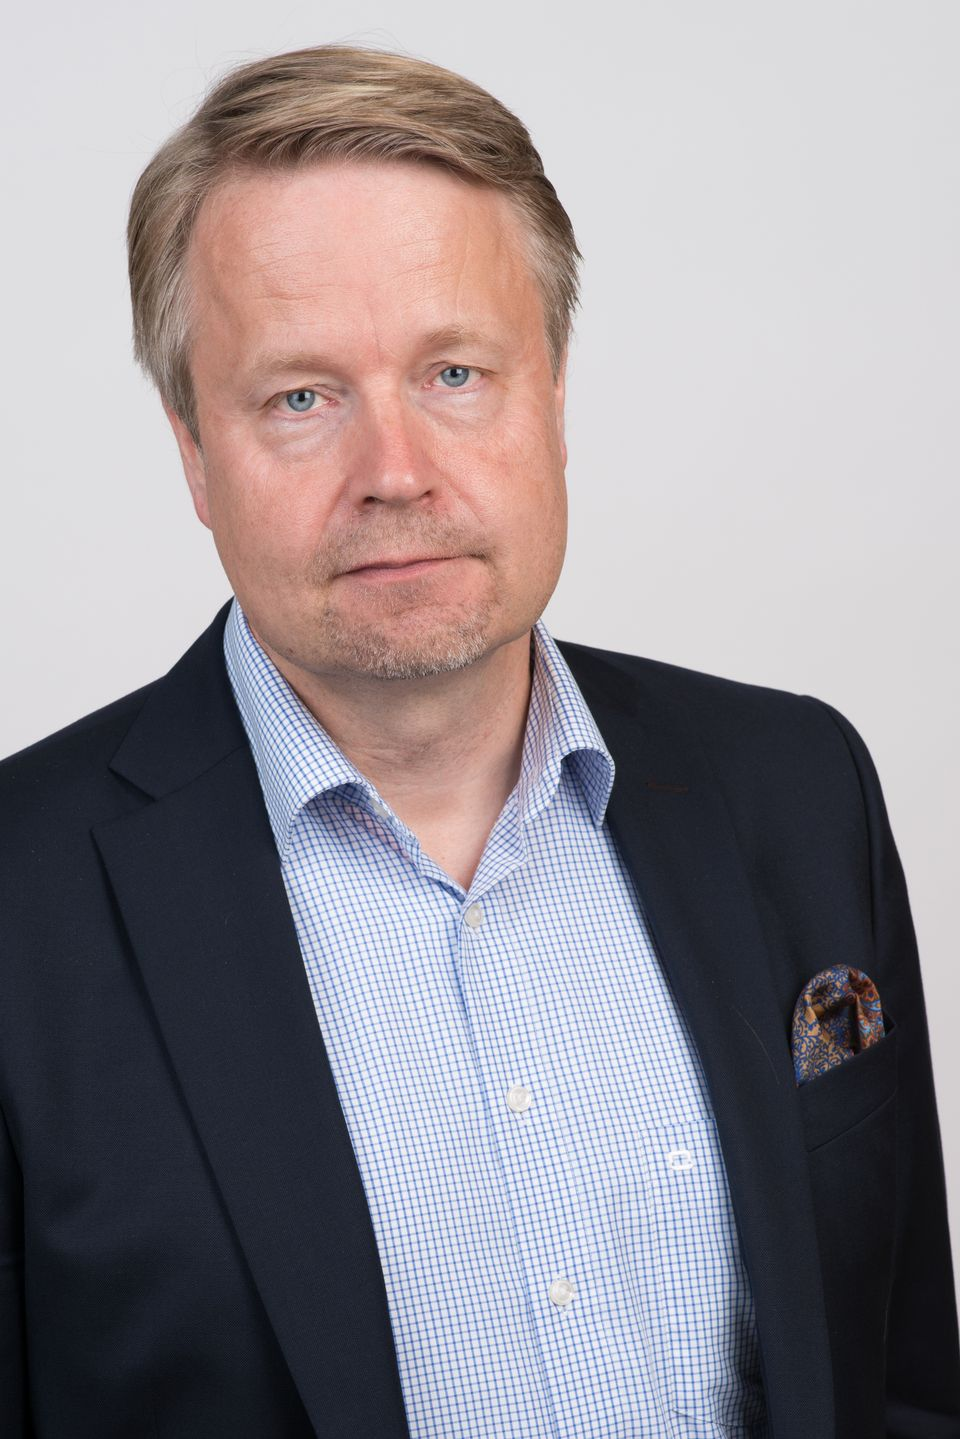 Onko Suomi matkalla matalapalkkamaaksi? Asiantuntijat vastaavat | Yle Uutiset | yle.fi